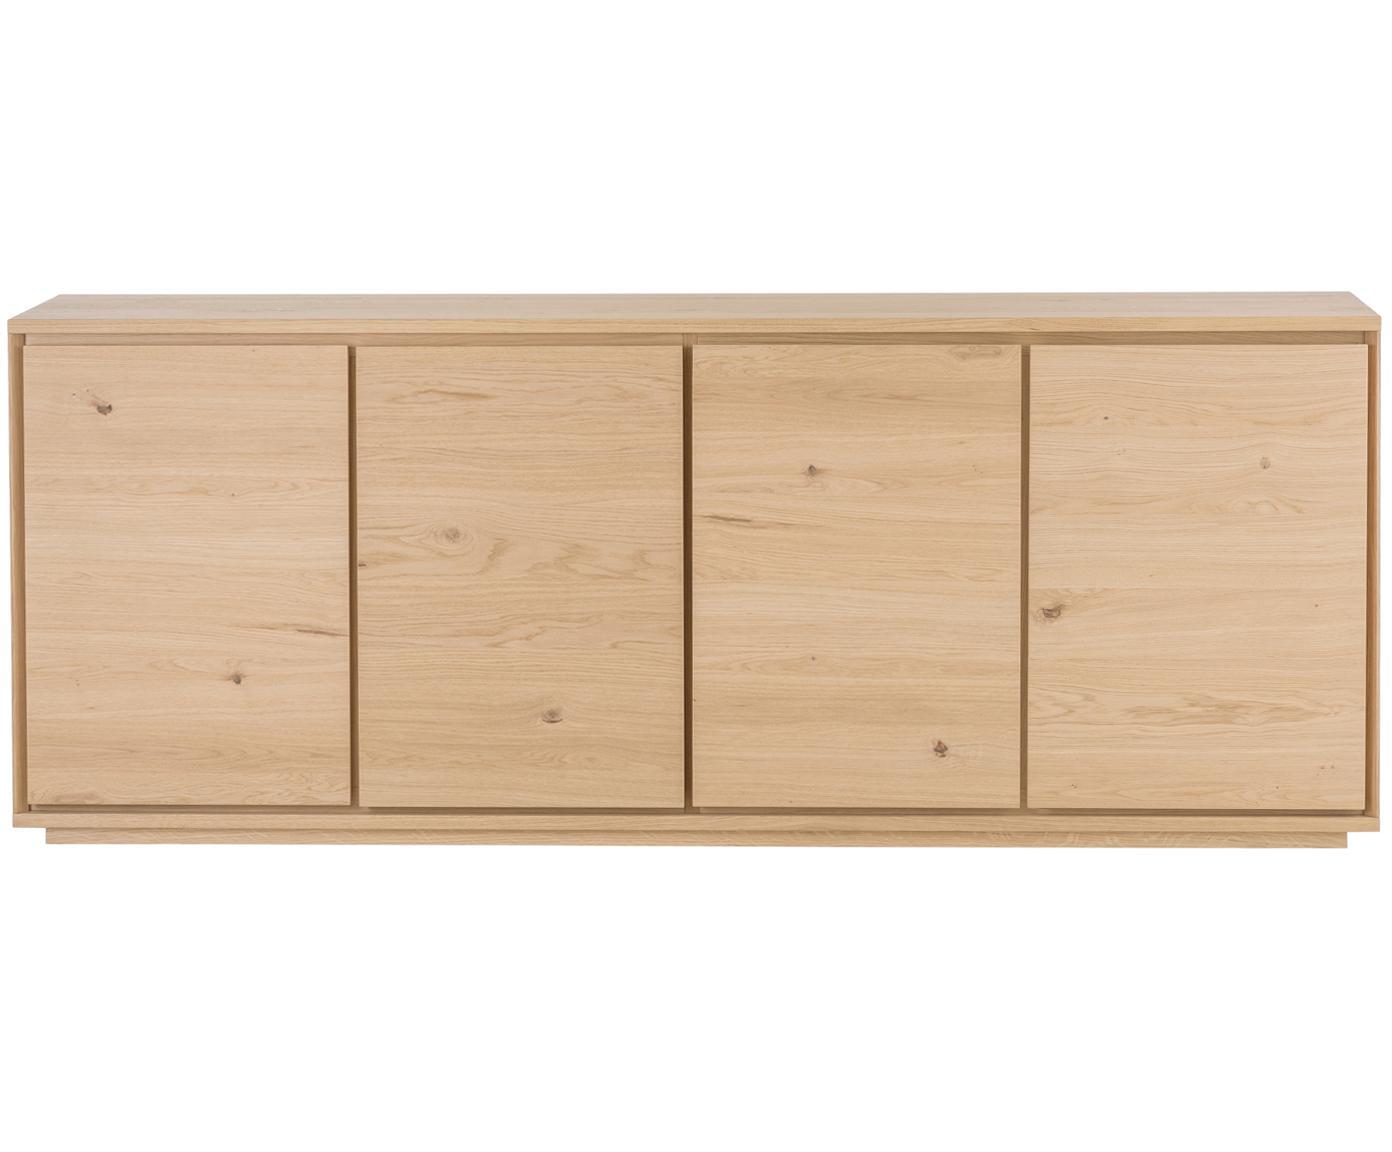 Komoda Finn, Korpus: płyta wiórowa, Drewno dębowe, S 217 x W 85 cm